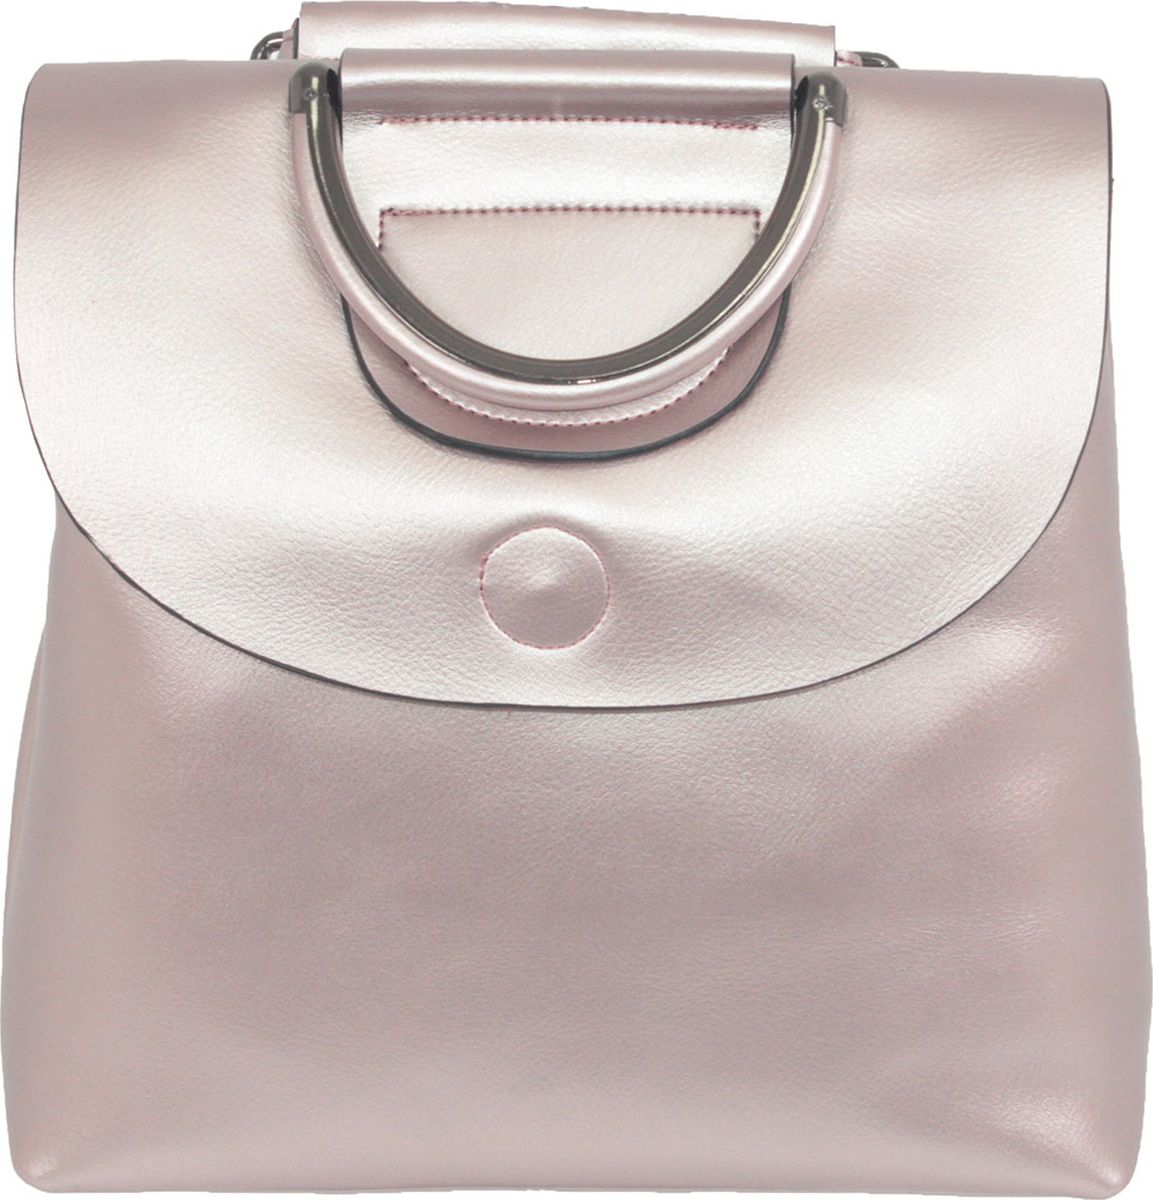 Рюкзак женский Flioraj, цвет: розовый. 2581-220 pink рюкзак женский flioraj цвет серый 9806 1605 106